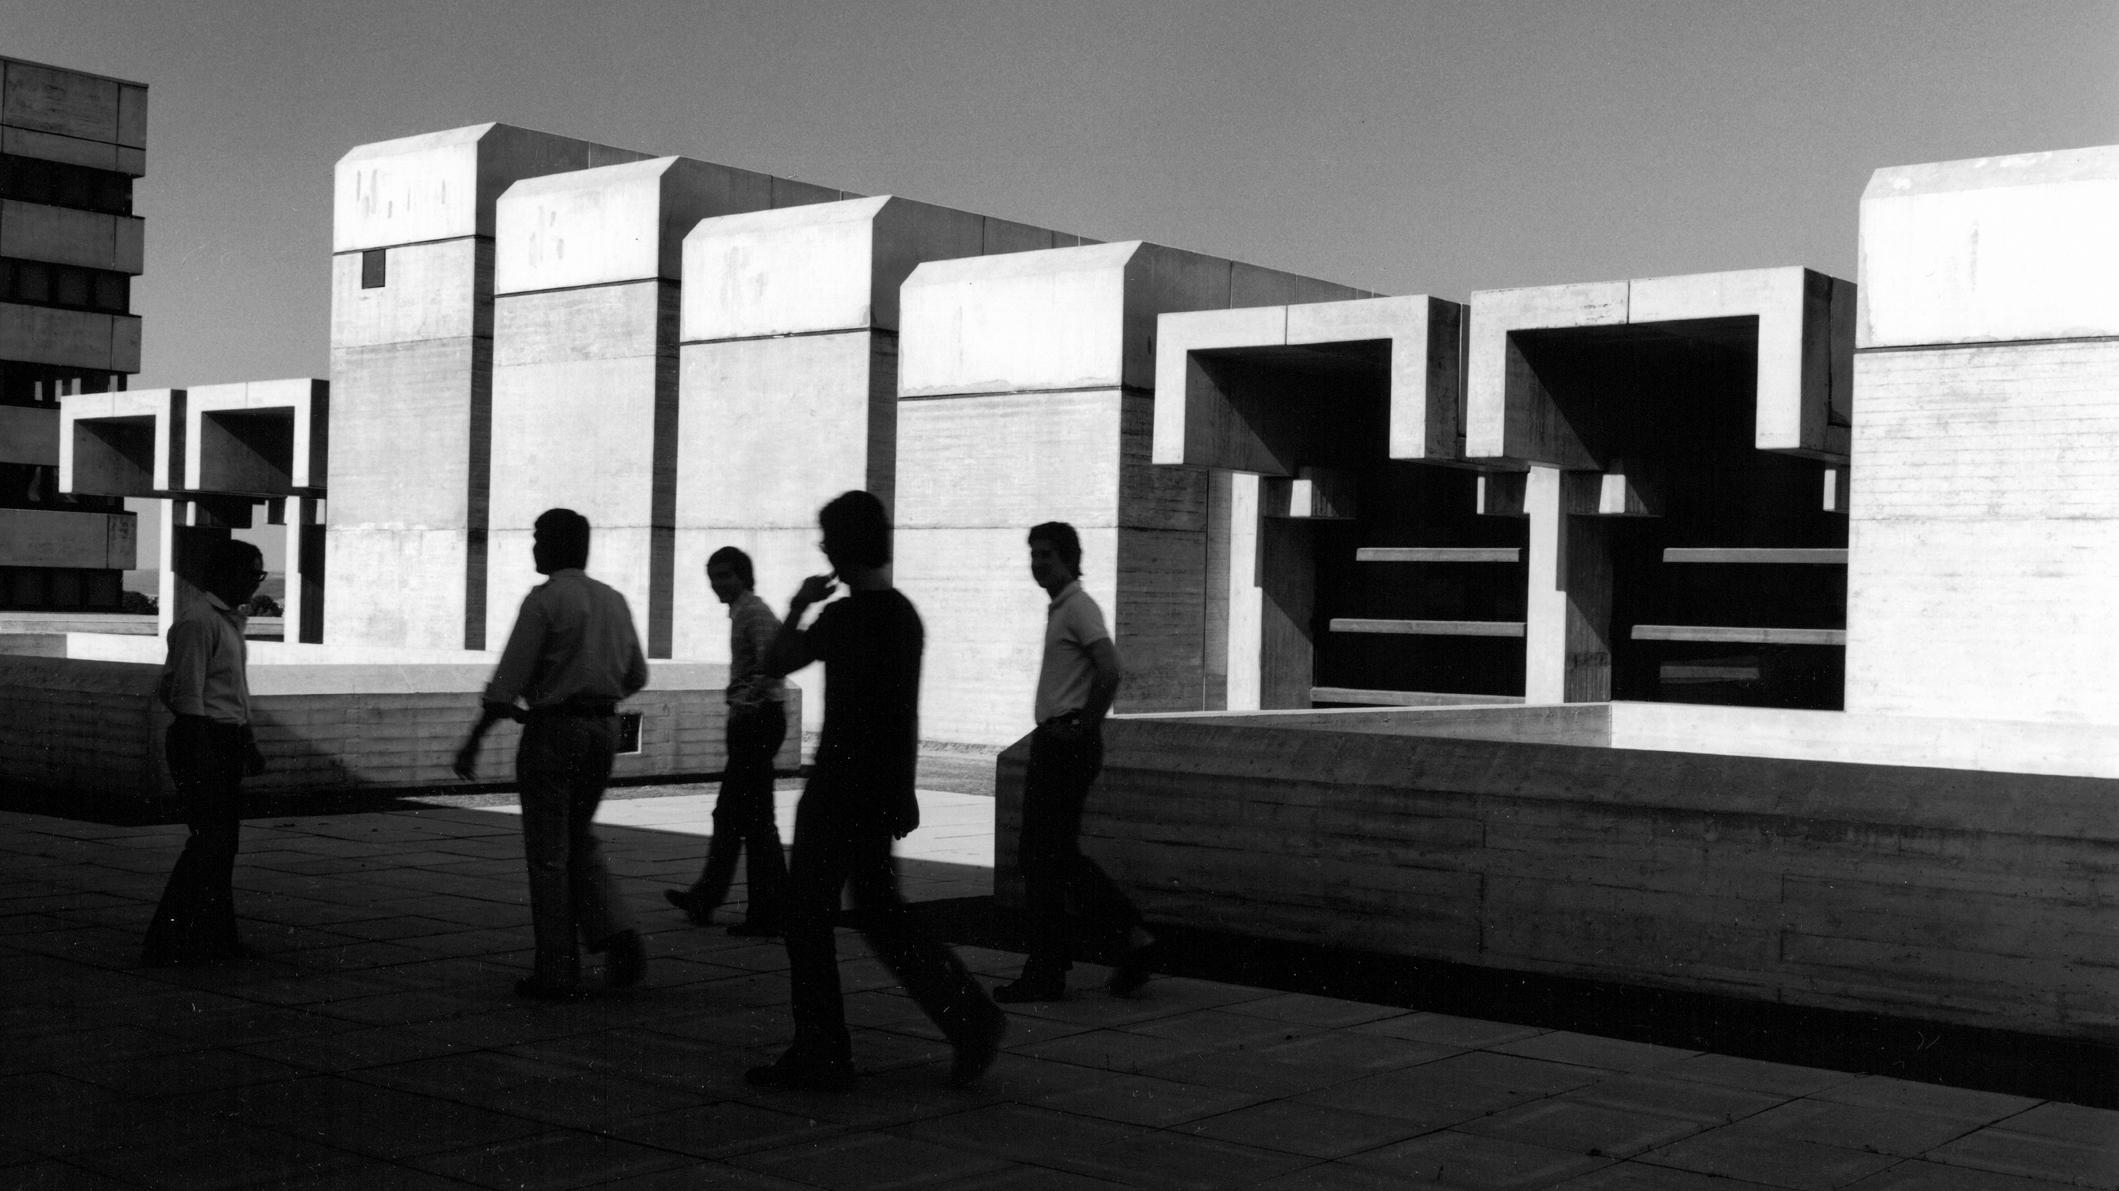 Passanten vor einem gestaffelten Betongebäude (Hörsaalgebäude der Universität Regensburg, 1975)